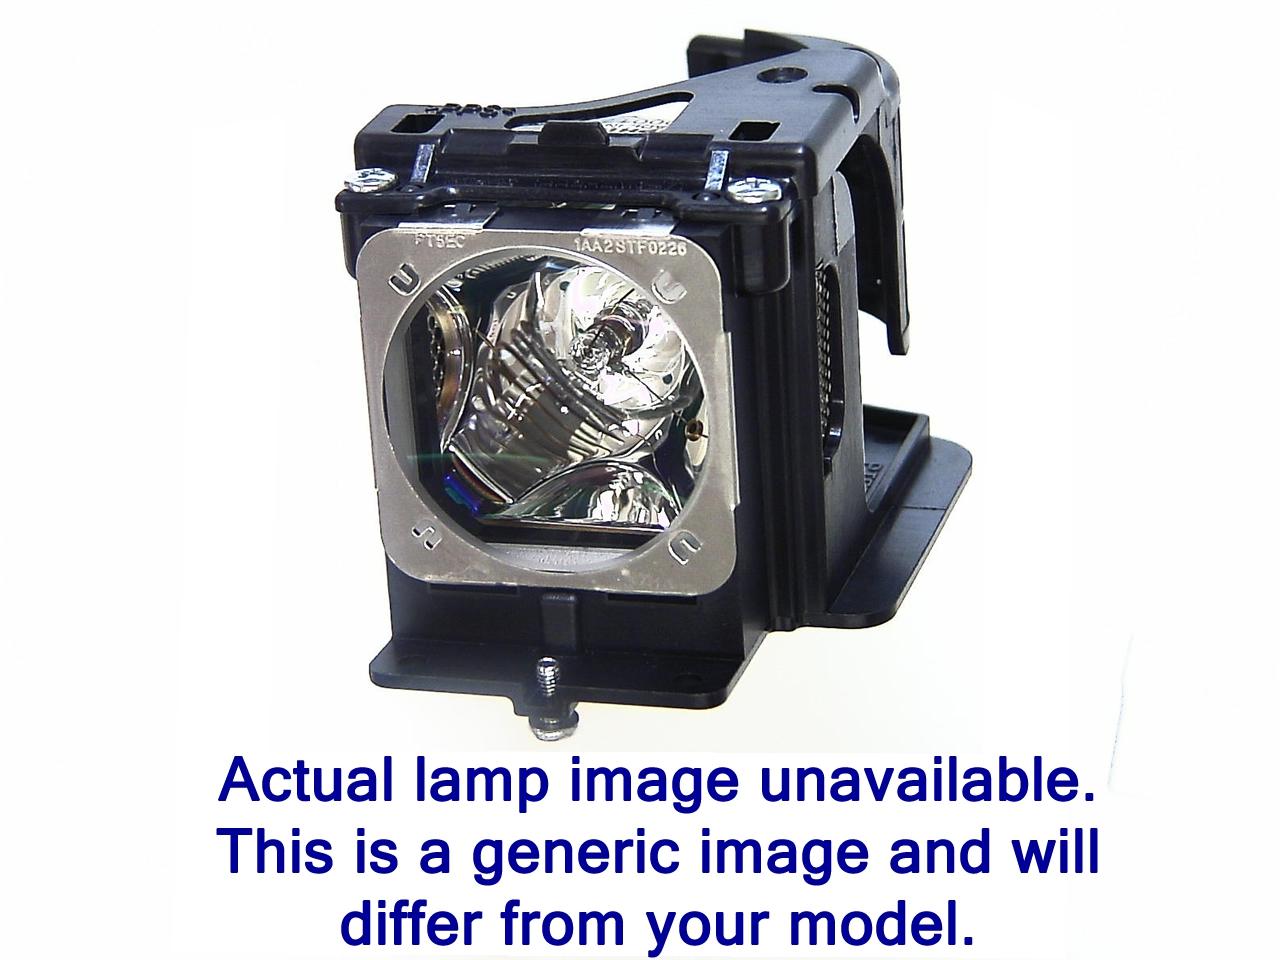 Lámpara TOSHIBA P380 DL